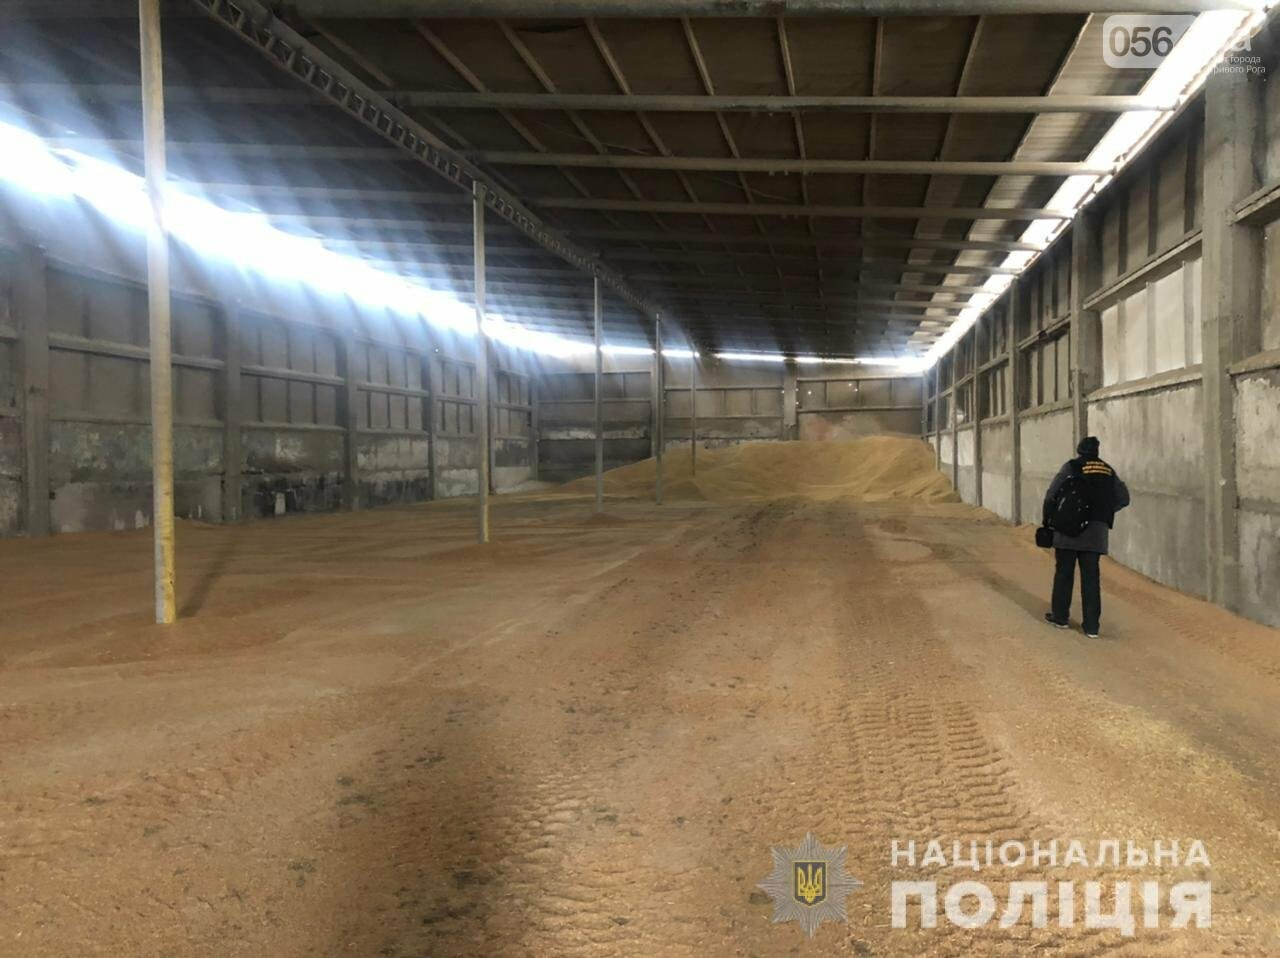 На Днепропетровщине задержали членов ОПГ, которые «терроризировали» фермеров, - ФОТО , фото-5